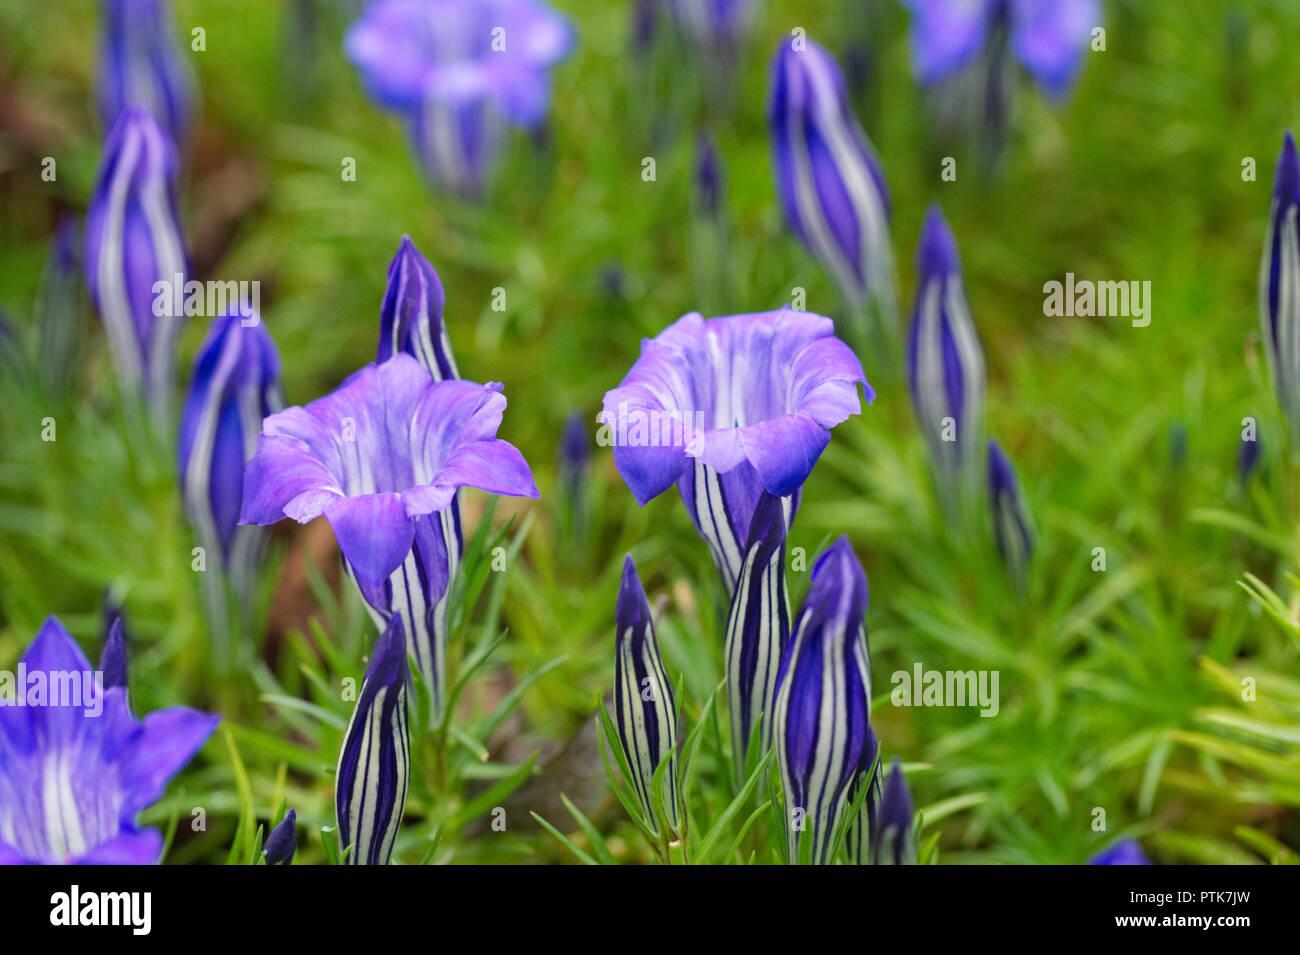 Gentiana 'Eugen Bester' flowers. - Stock Image